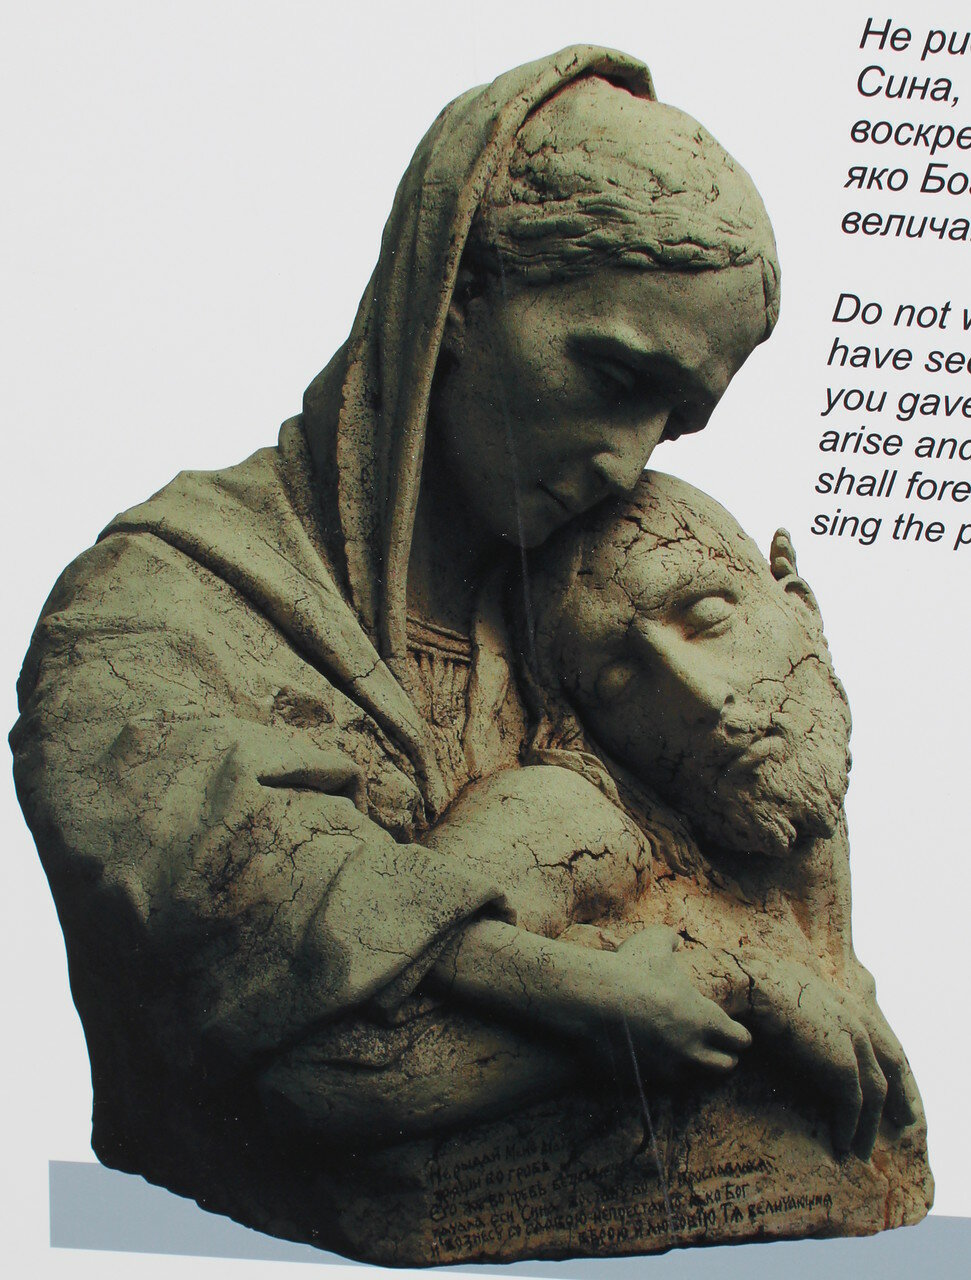 Скорбная скульптура